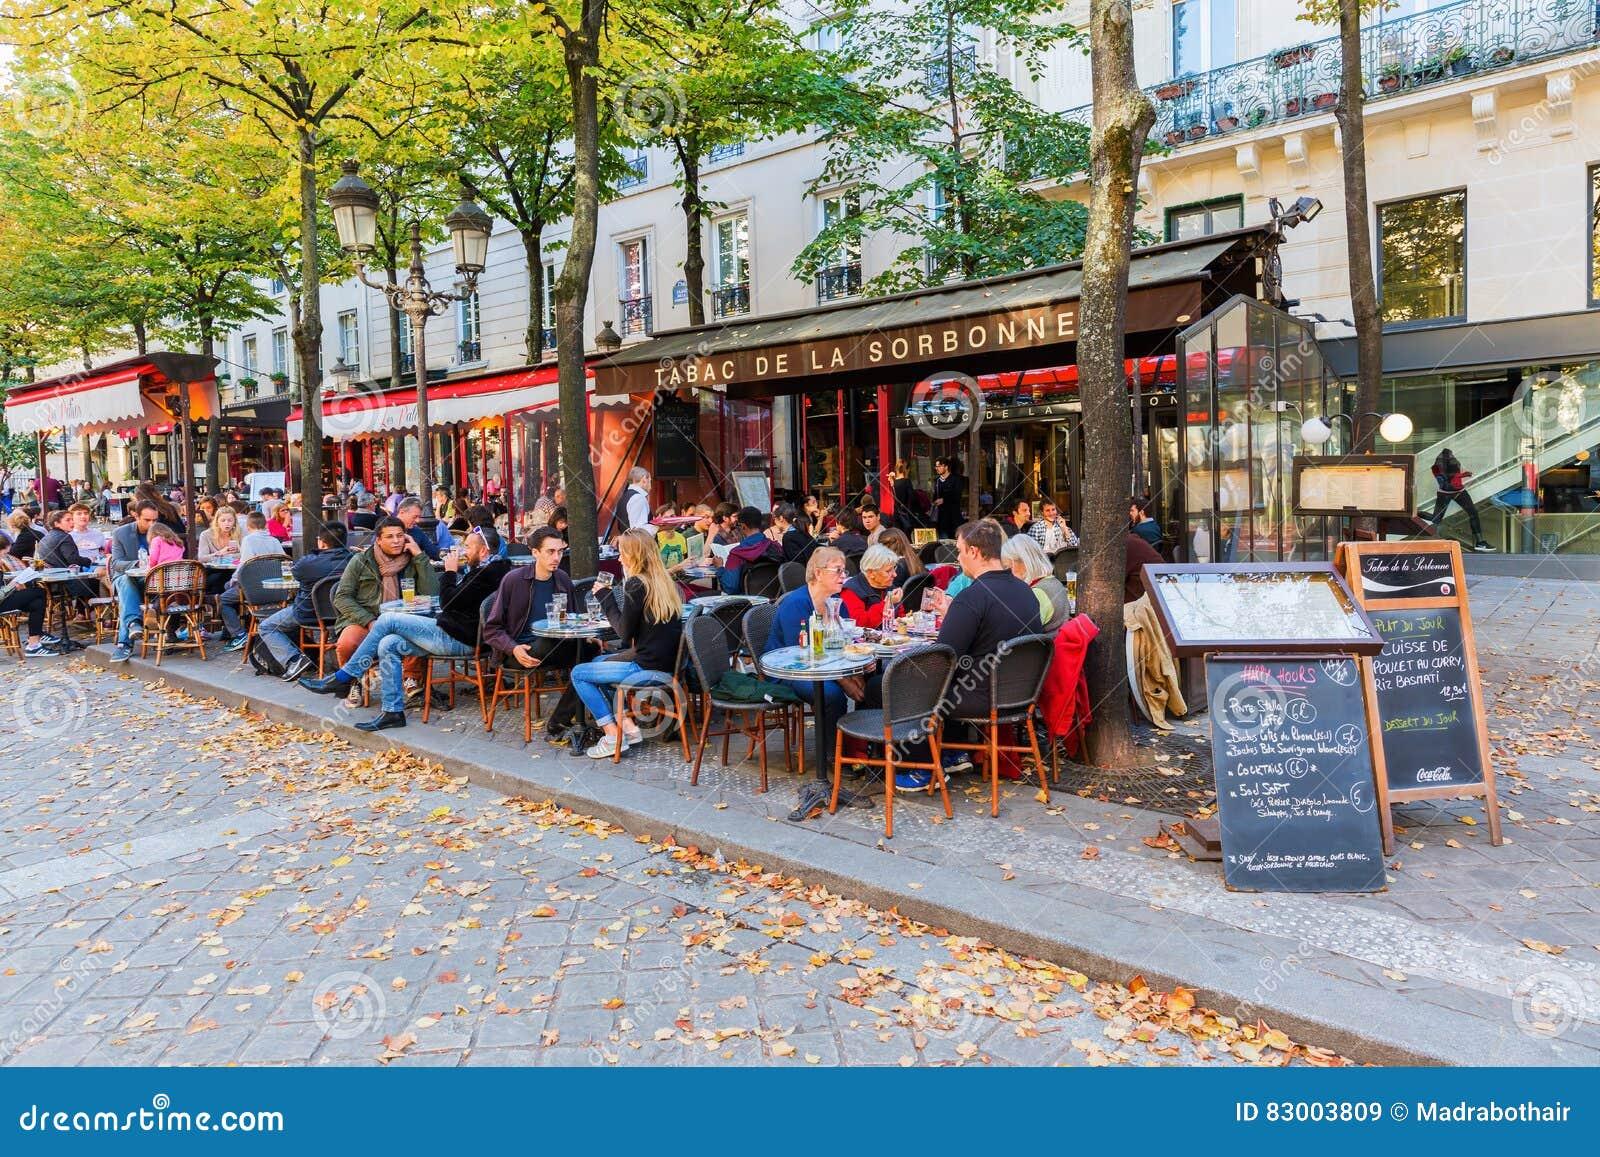 Restaurants paris france Best Budget